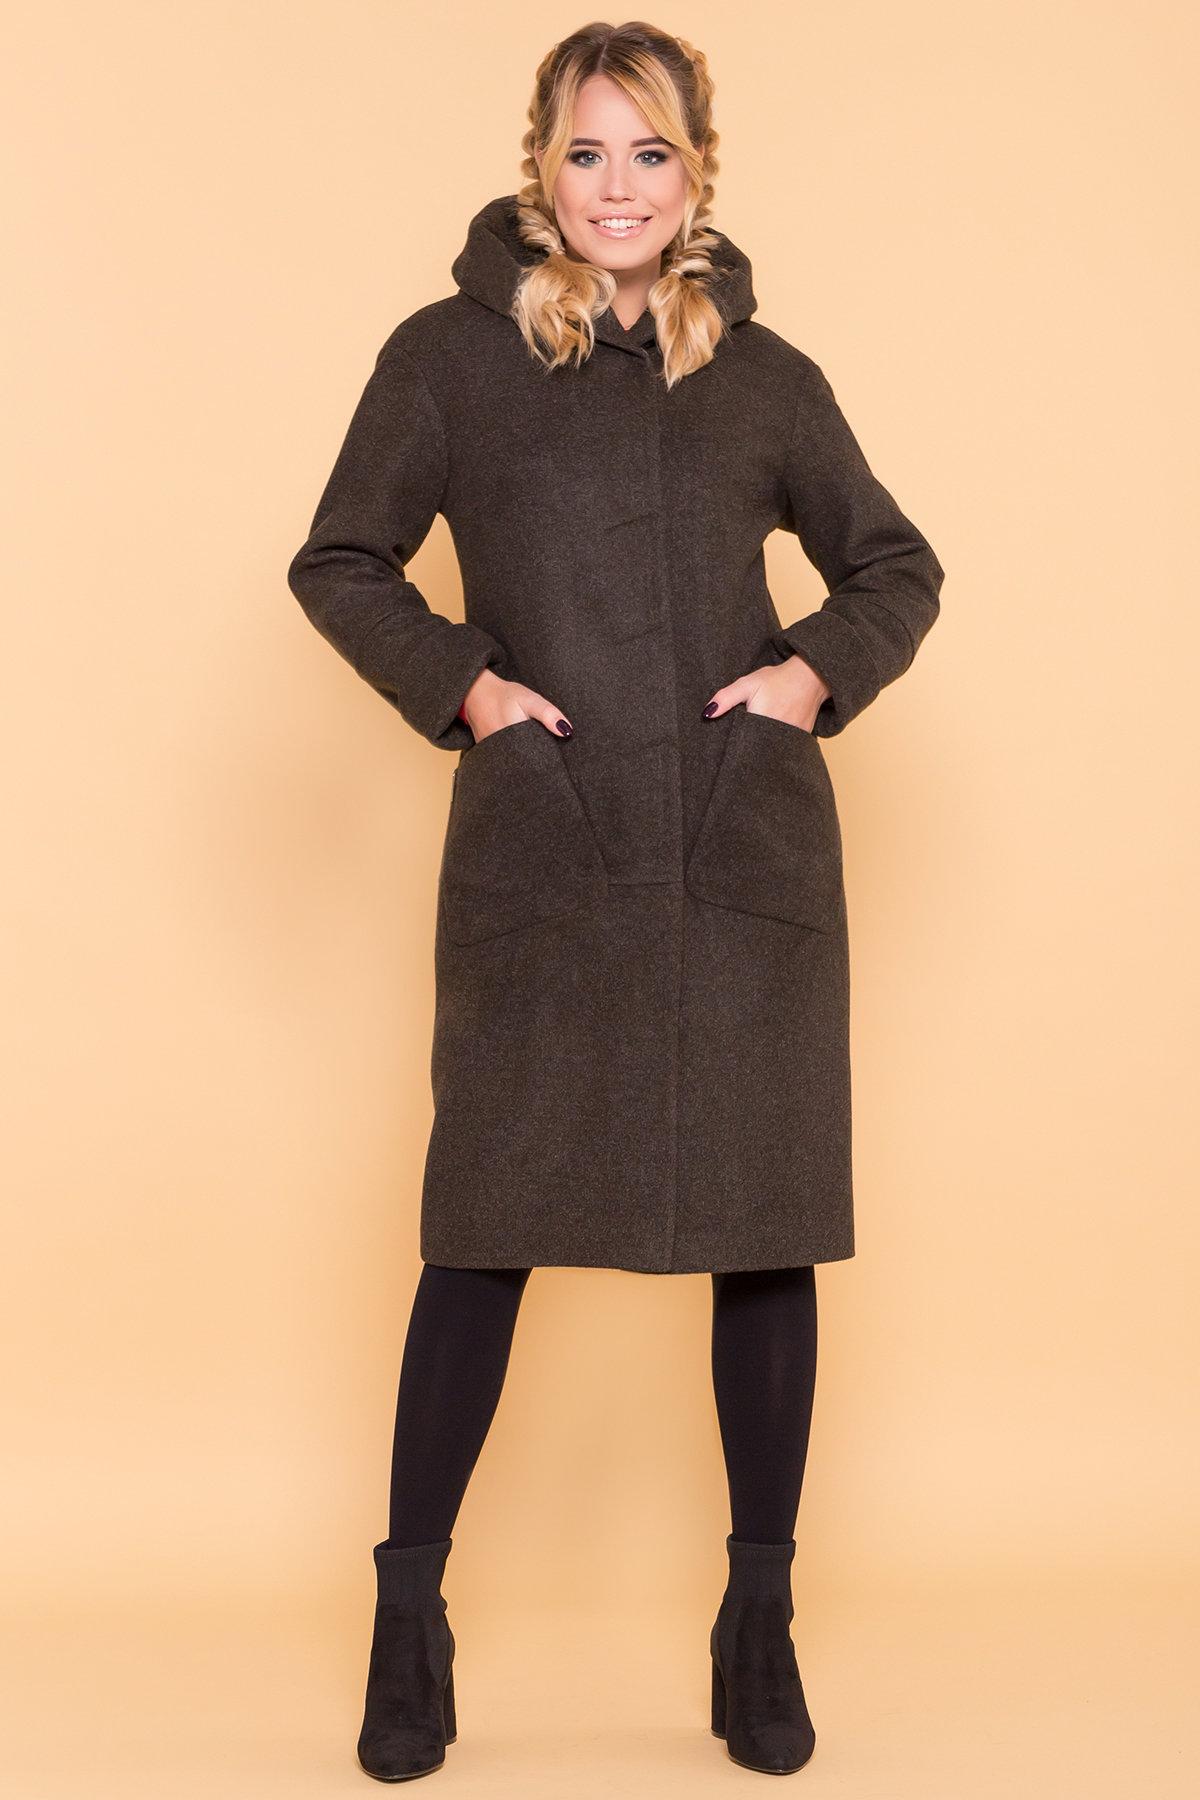 Теплое зимнее пальто Анита 4122 АРТ. 39666 Цвет: Хаки 16 - фото 4, интернет магазин tm-modus.ru